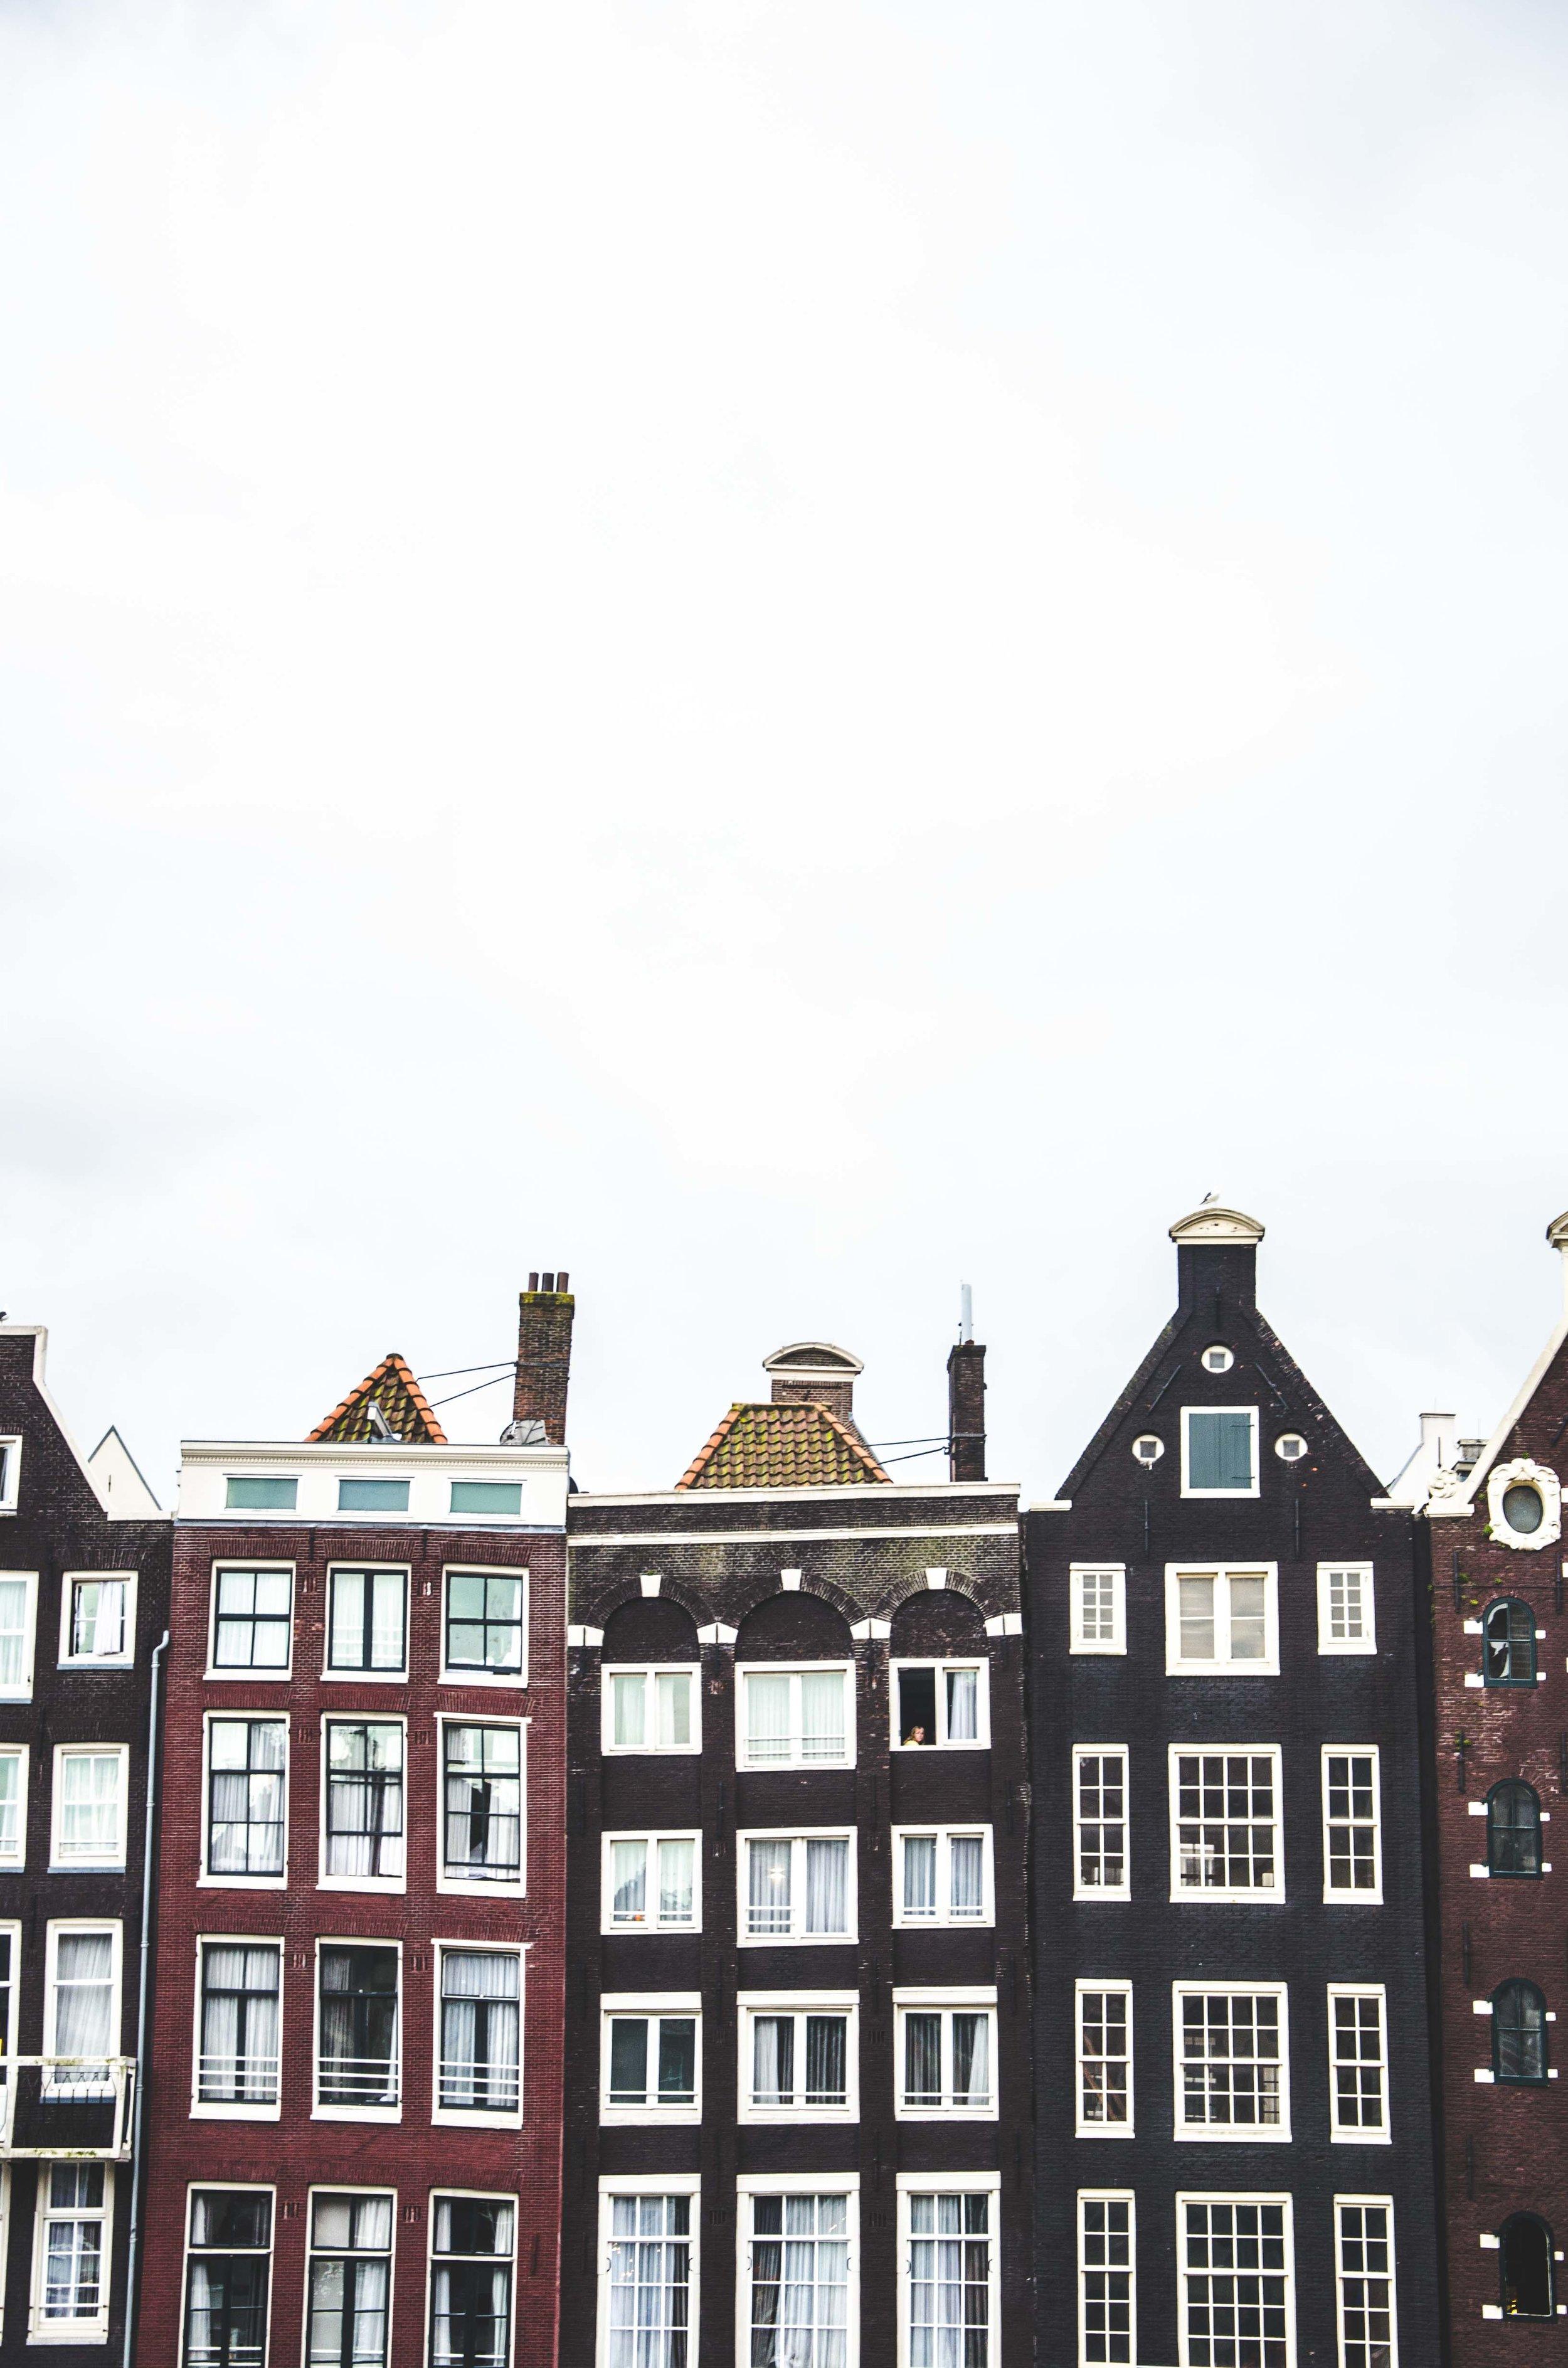 This beautiful photo is by  Aneta Pawlik via Unsplash.com